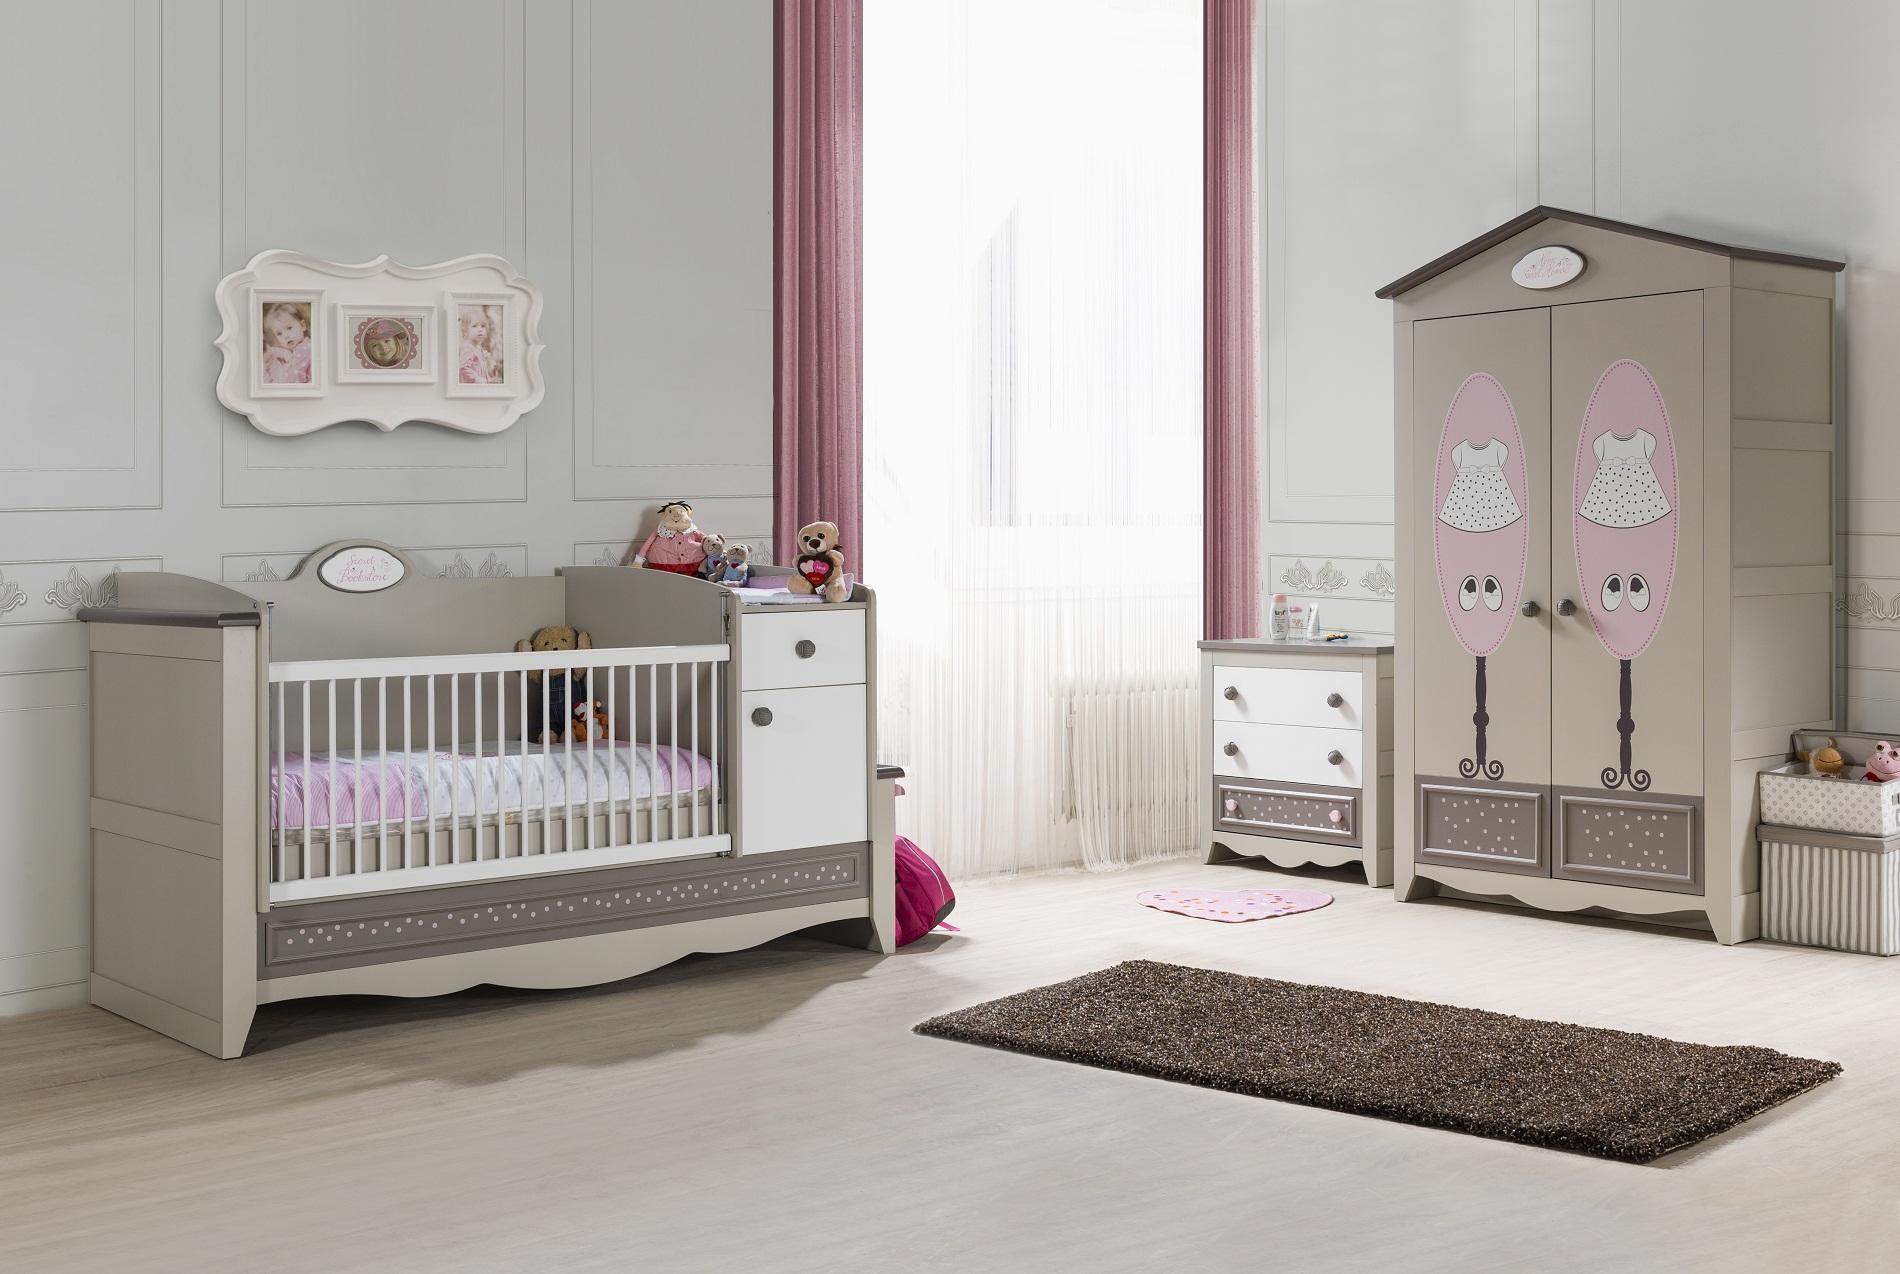 Entzuckend ... Babyzimmer Houses 3 Tlg Braun Beige Weiss Boutique Style